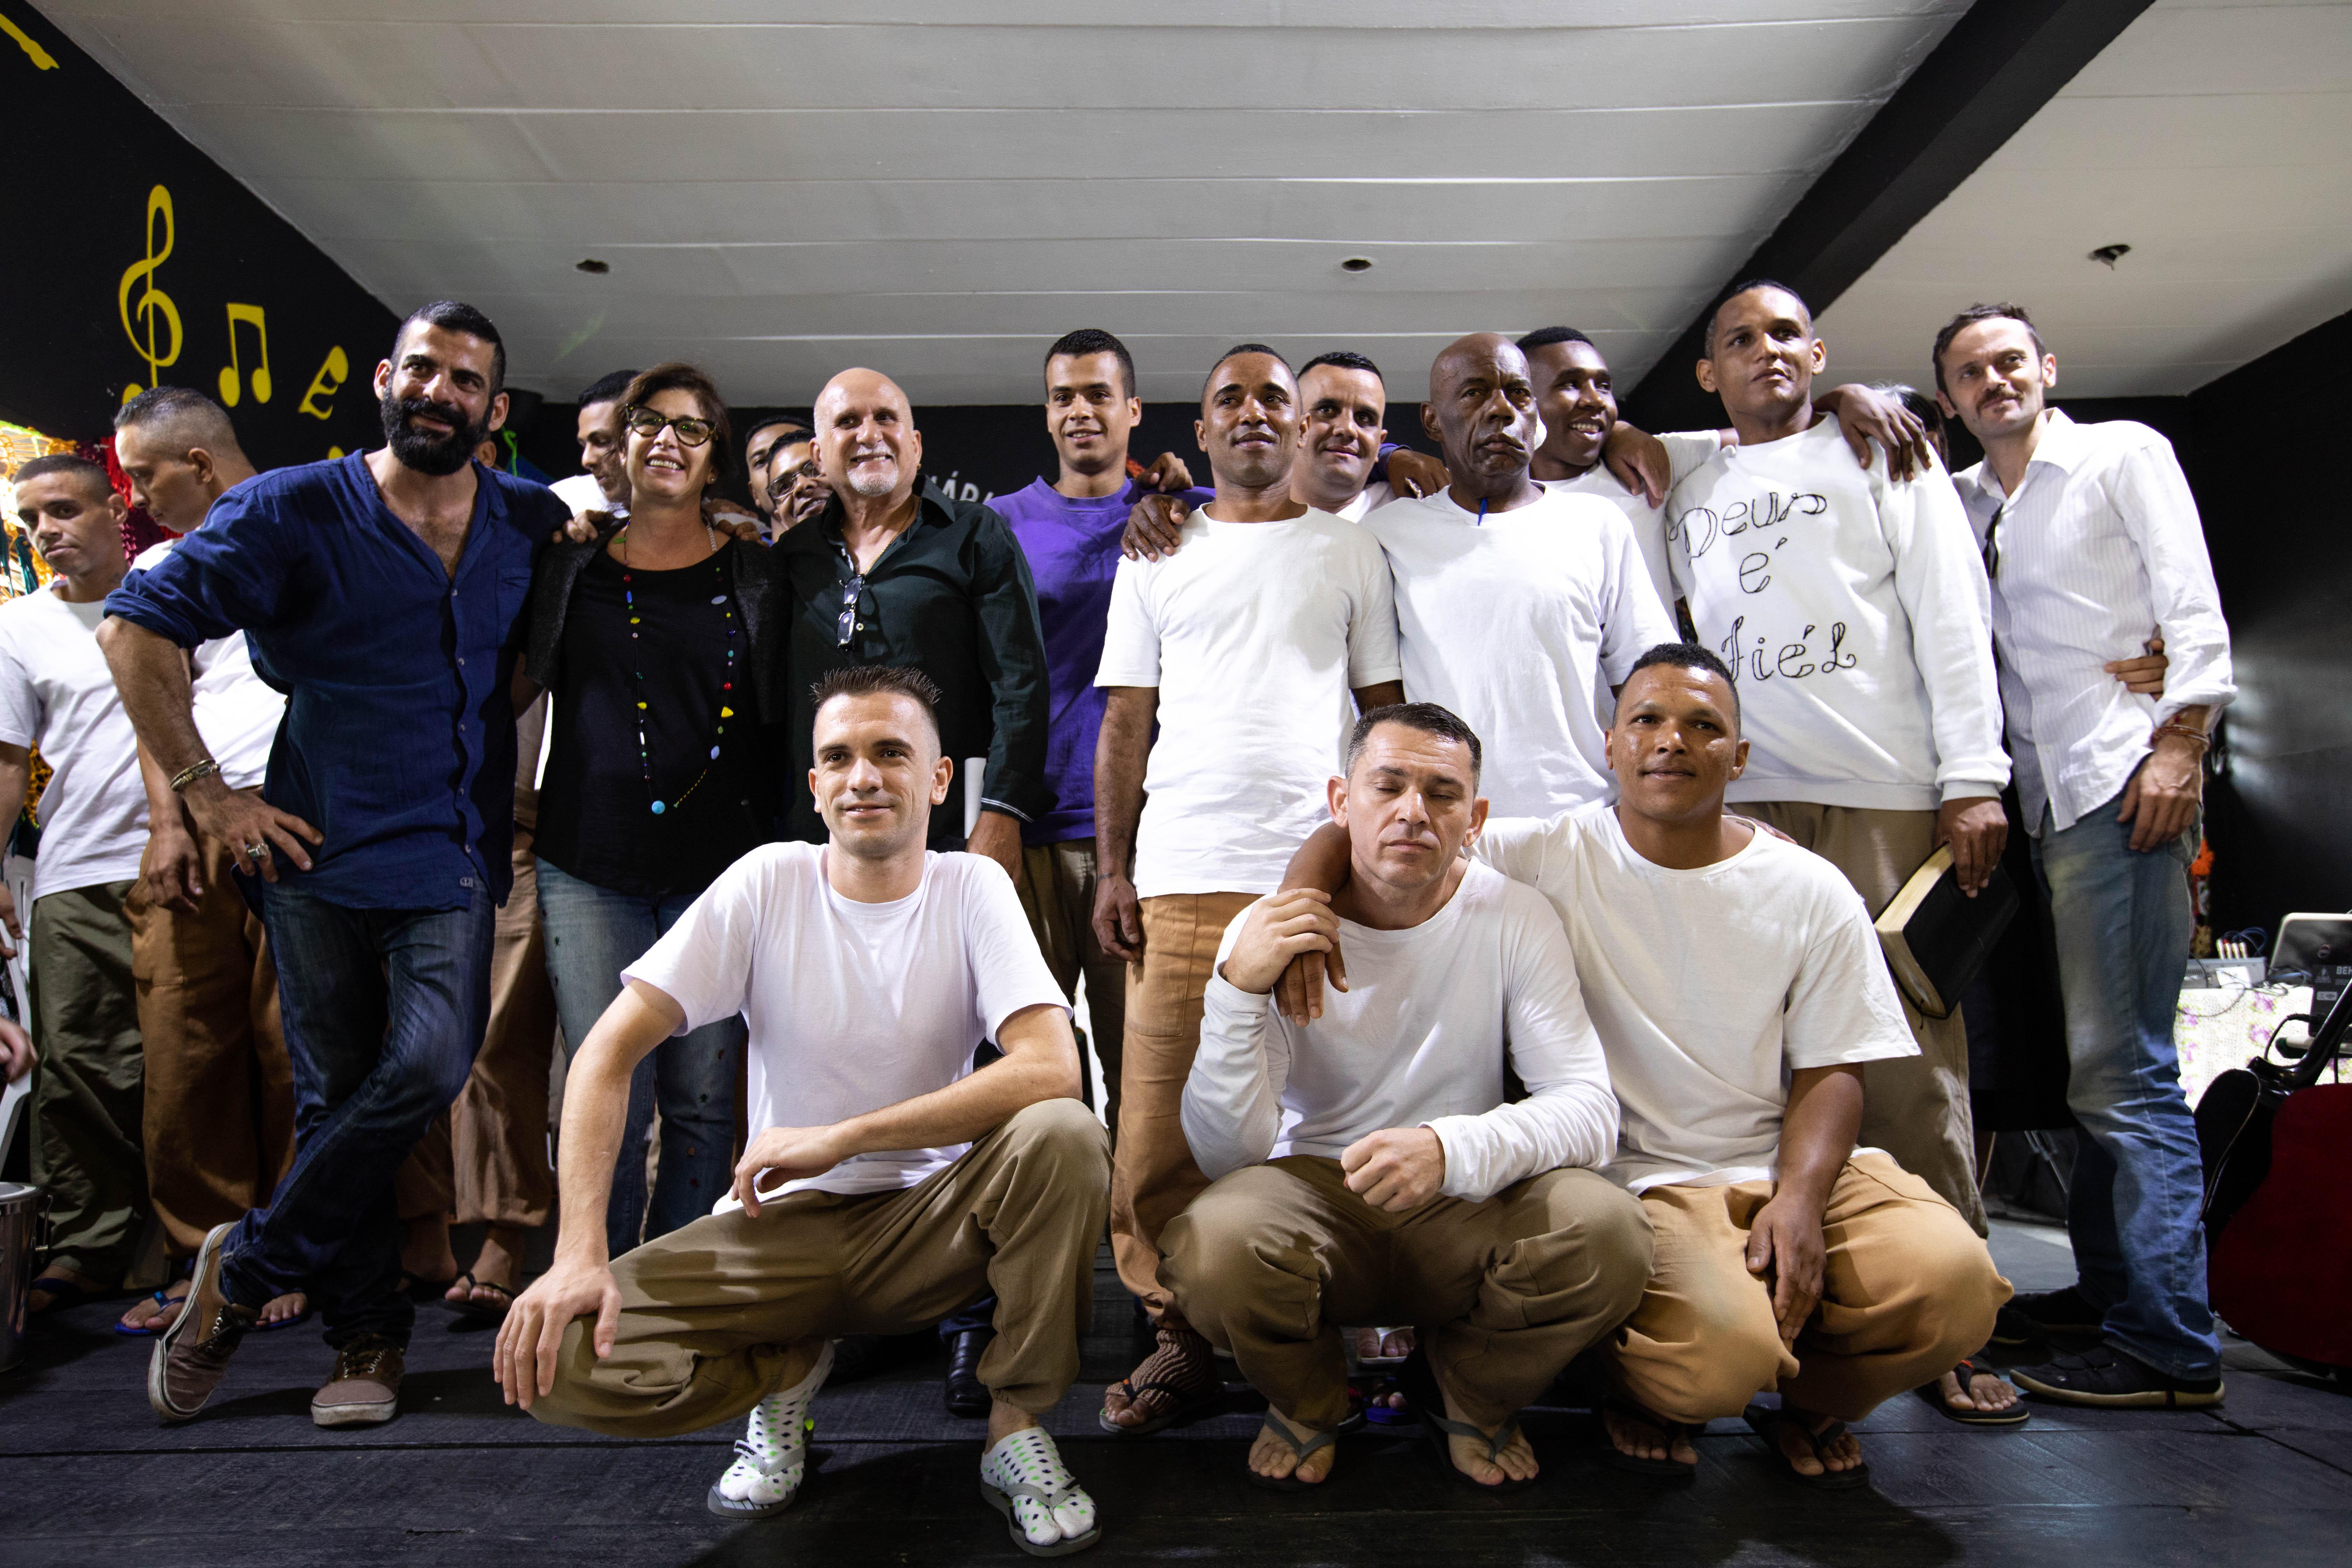 Gustavo Silvestre (de camisa azul) com os os novos artesãos / Danilo Sorrino